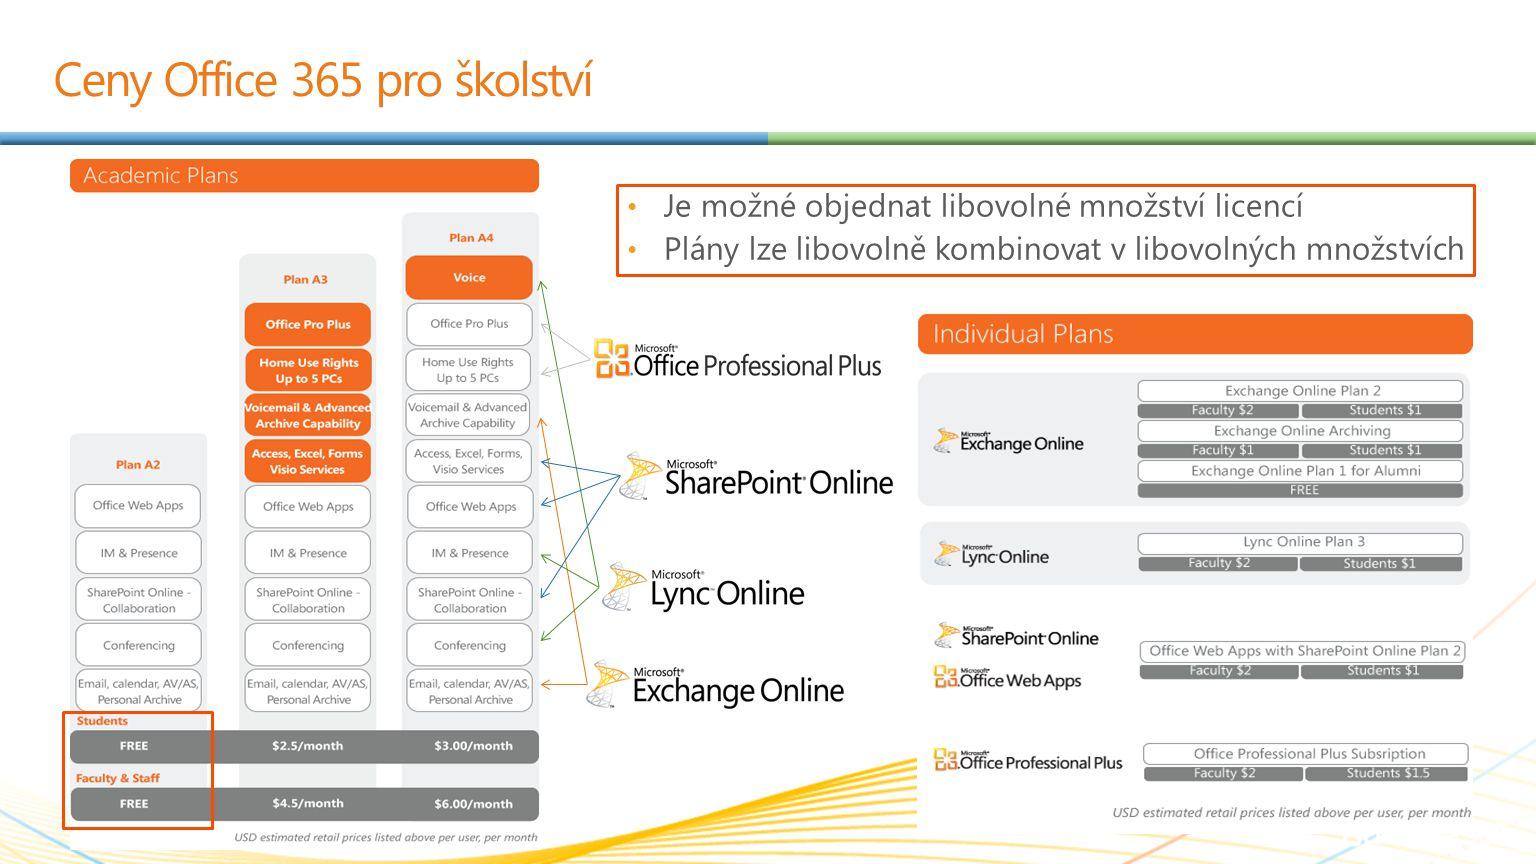 SharePoint Office aplikace + Office Web Apps – Word, Excel, PowerPoint, OneNote Windows Explorer SharePoint Workspace Outlook SharePoint Designer Visual Studio Spolupráce nad obsahem Základy (UI, weby, knihovny, seznamy, stránky, koš, oprávnění) Práce s dokumenty (editace, web apps, offline přístup (SW/O), verze) Propojení s Office (presence + komunikace, ukládání, úkoly, kalendáře) Workflow (schvalování...) Osobní weby Vyhledávání Mobilní zařízení (přístup, úpravy) Vývoj aplikací